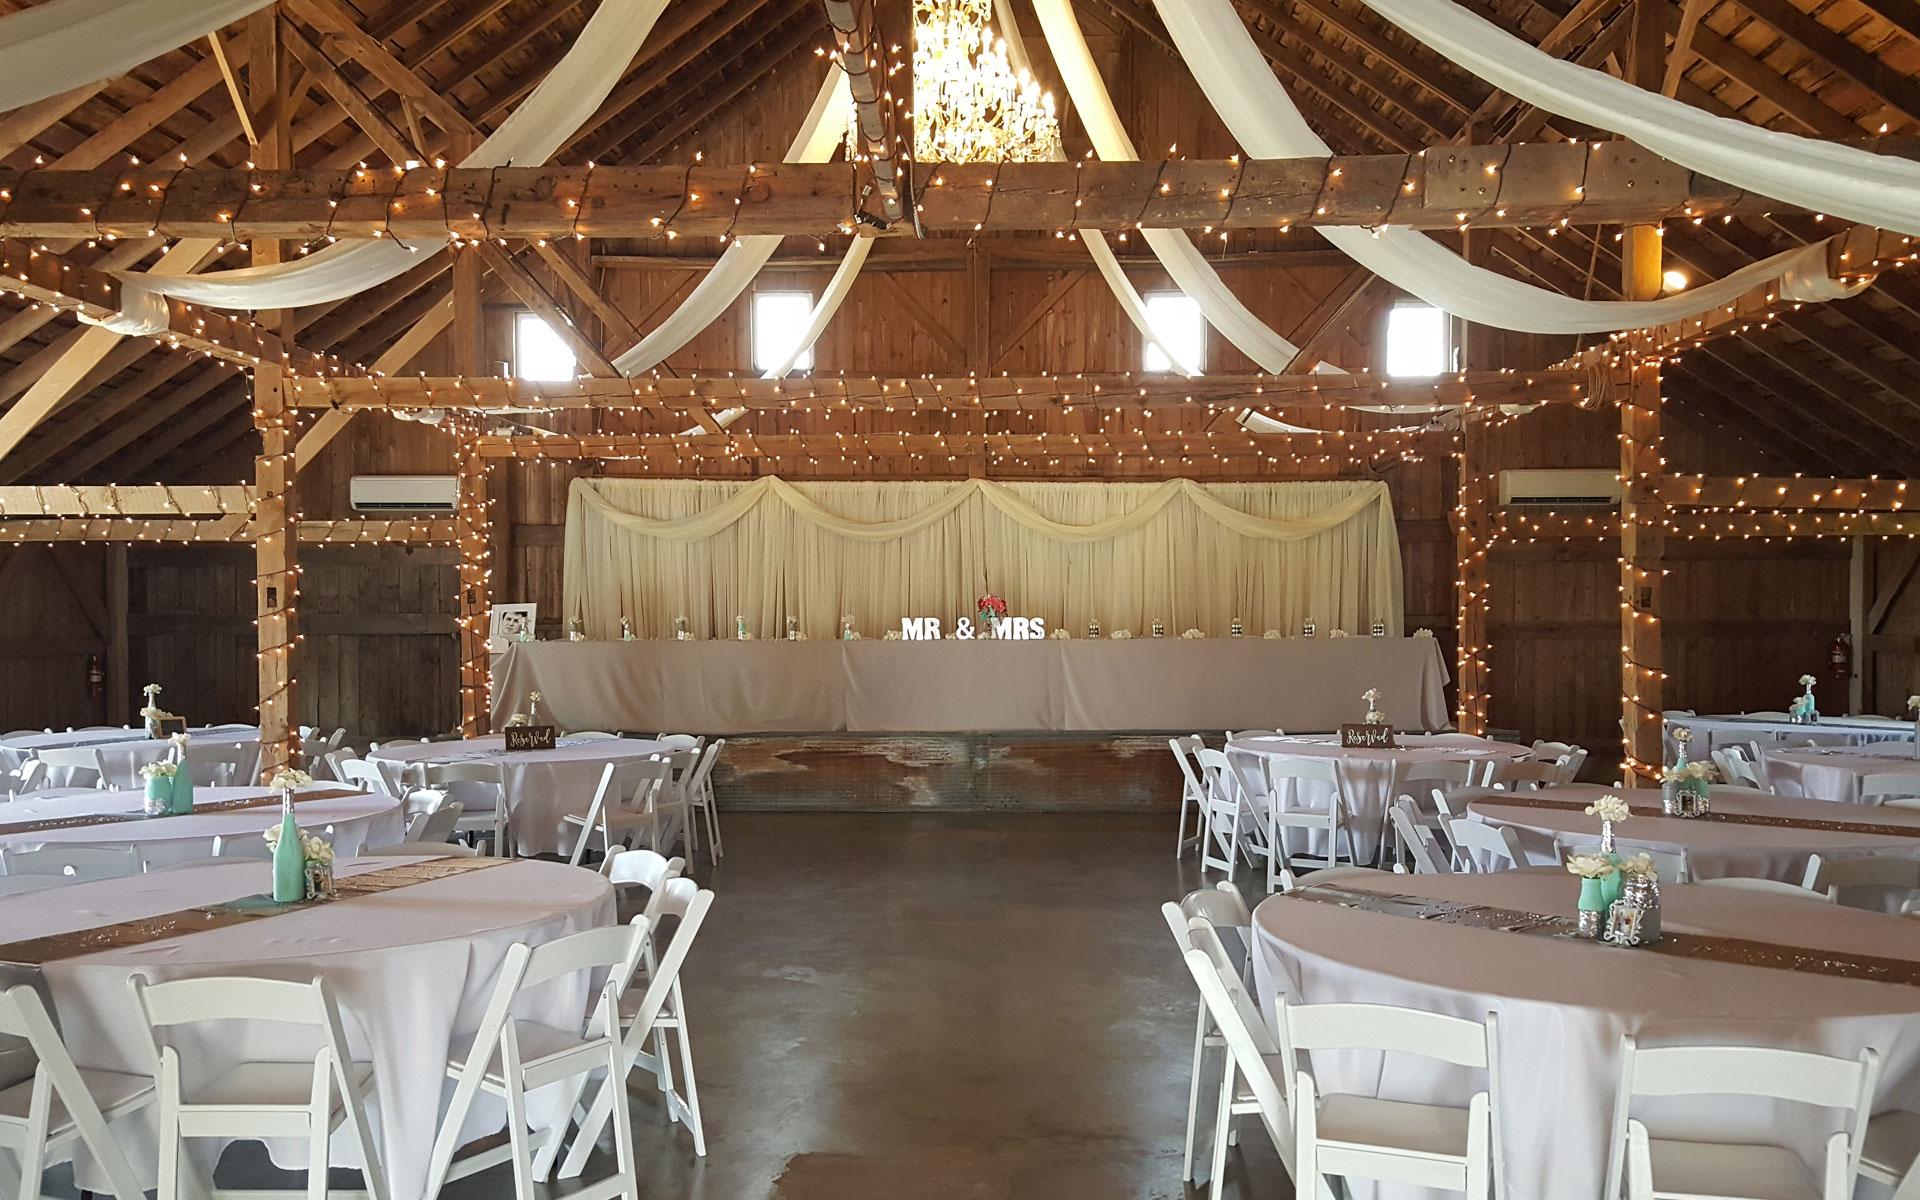 Interior-Barn-MrMrsTable.jpg